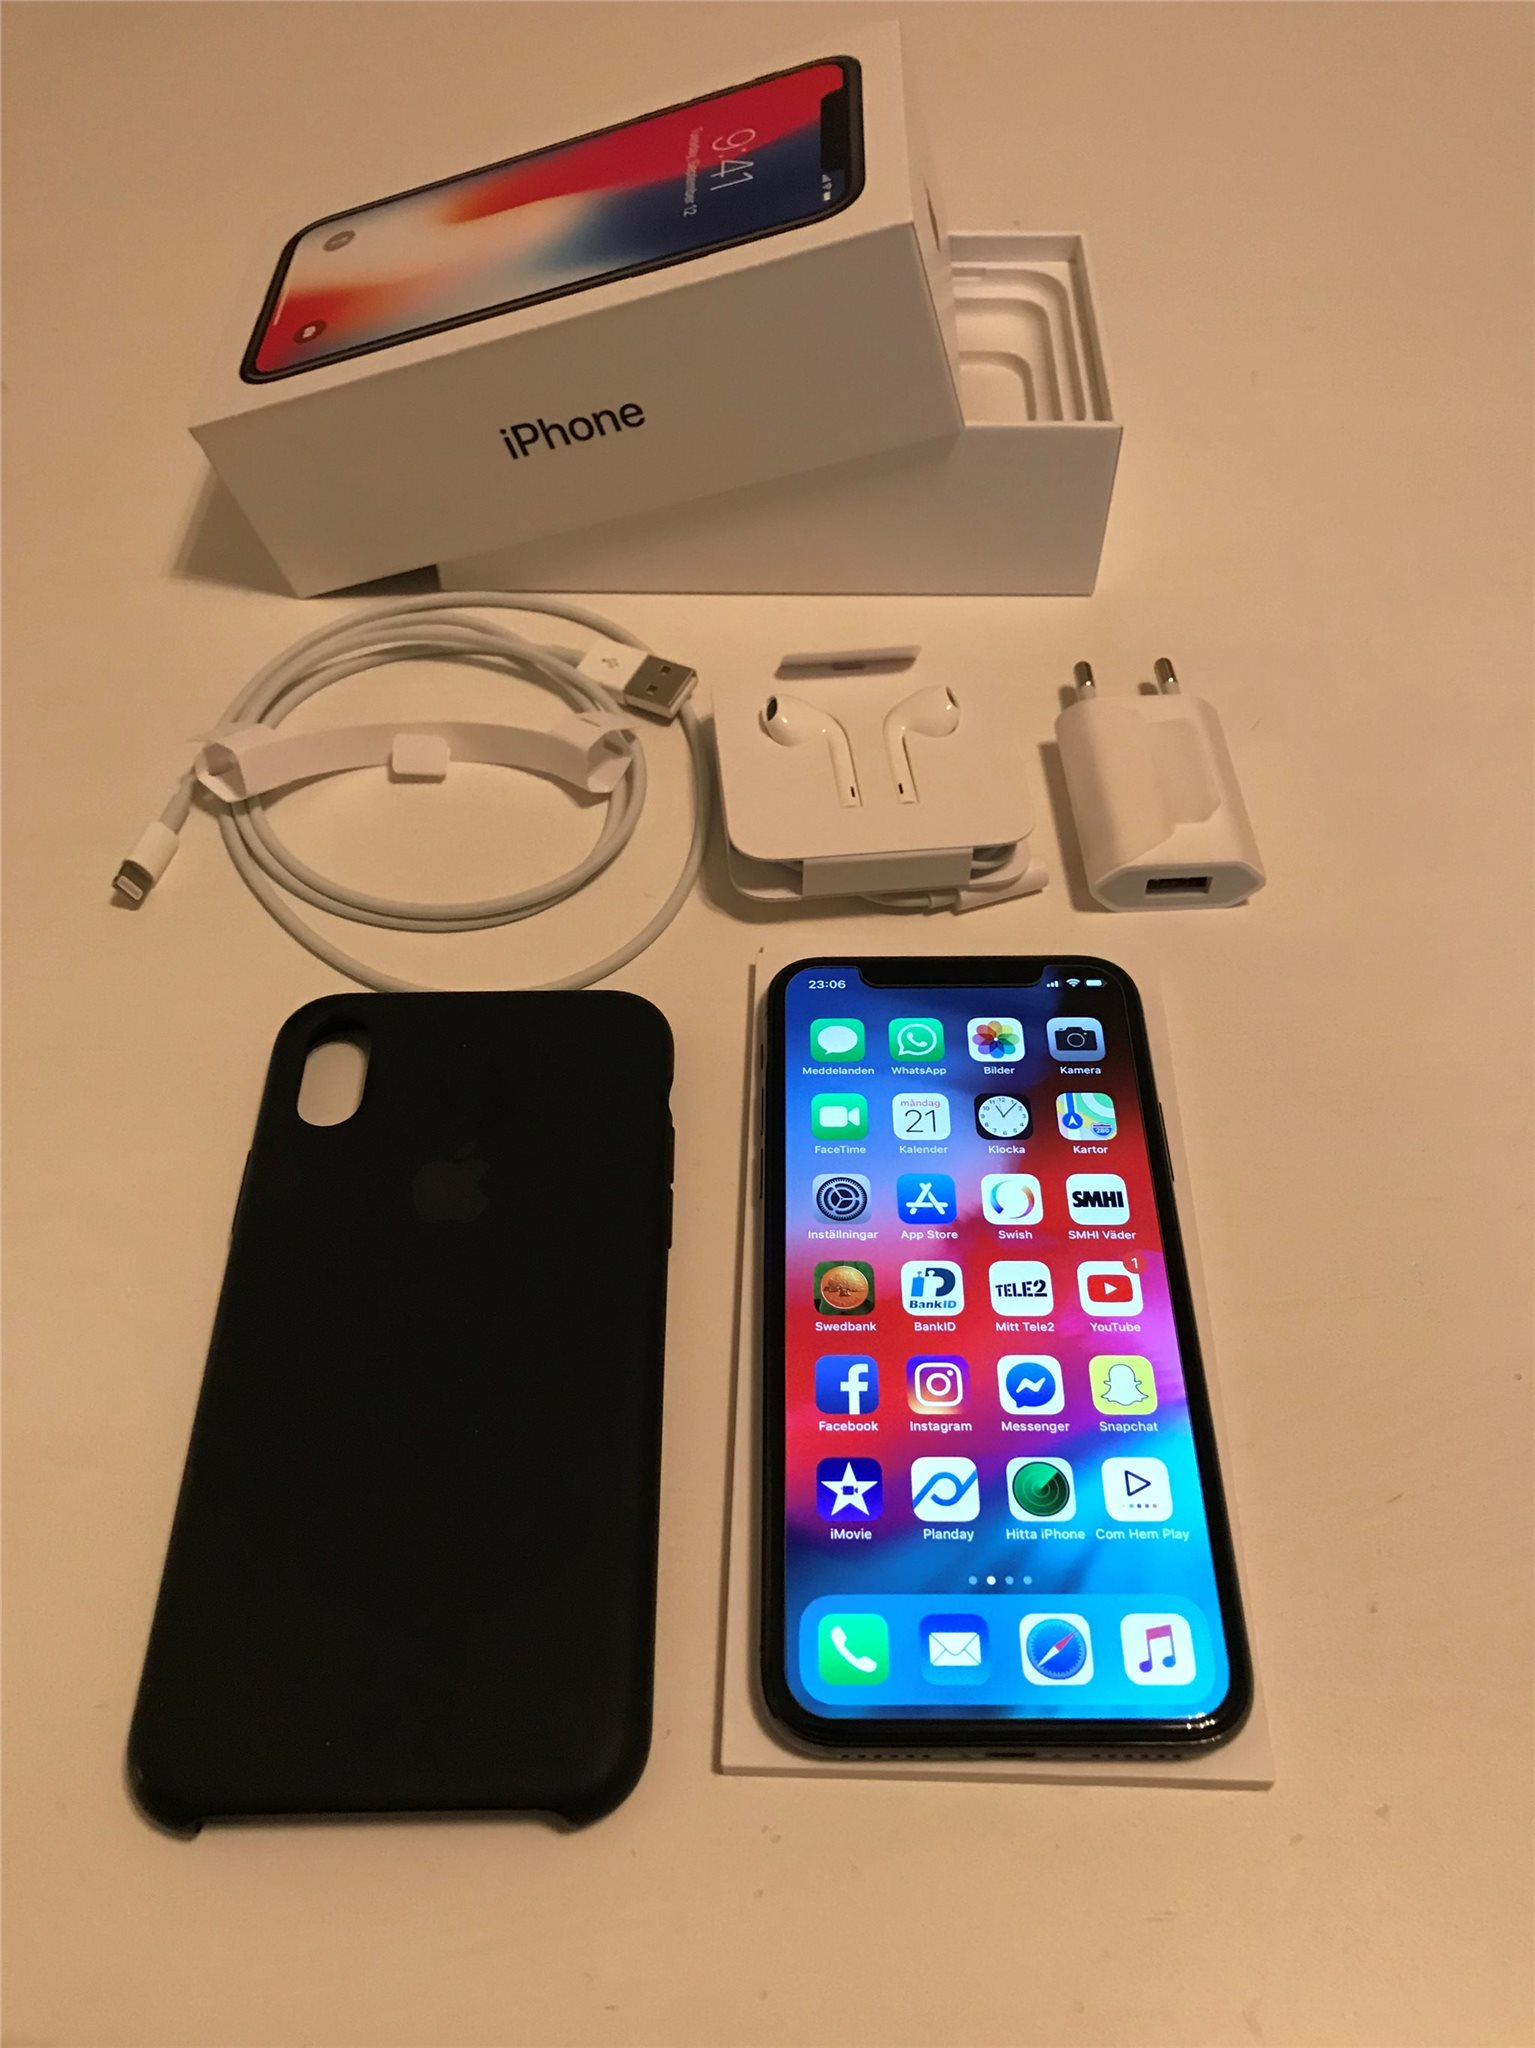 IPhone X med garanti och nyskick (337118636) ᐈ Köp på Tradera 68f58762826bf